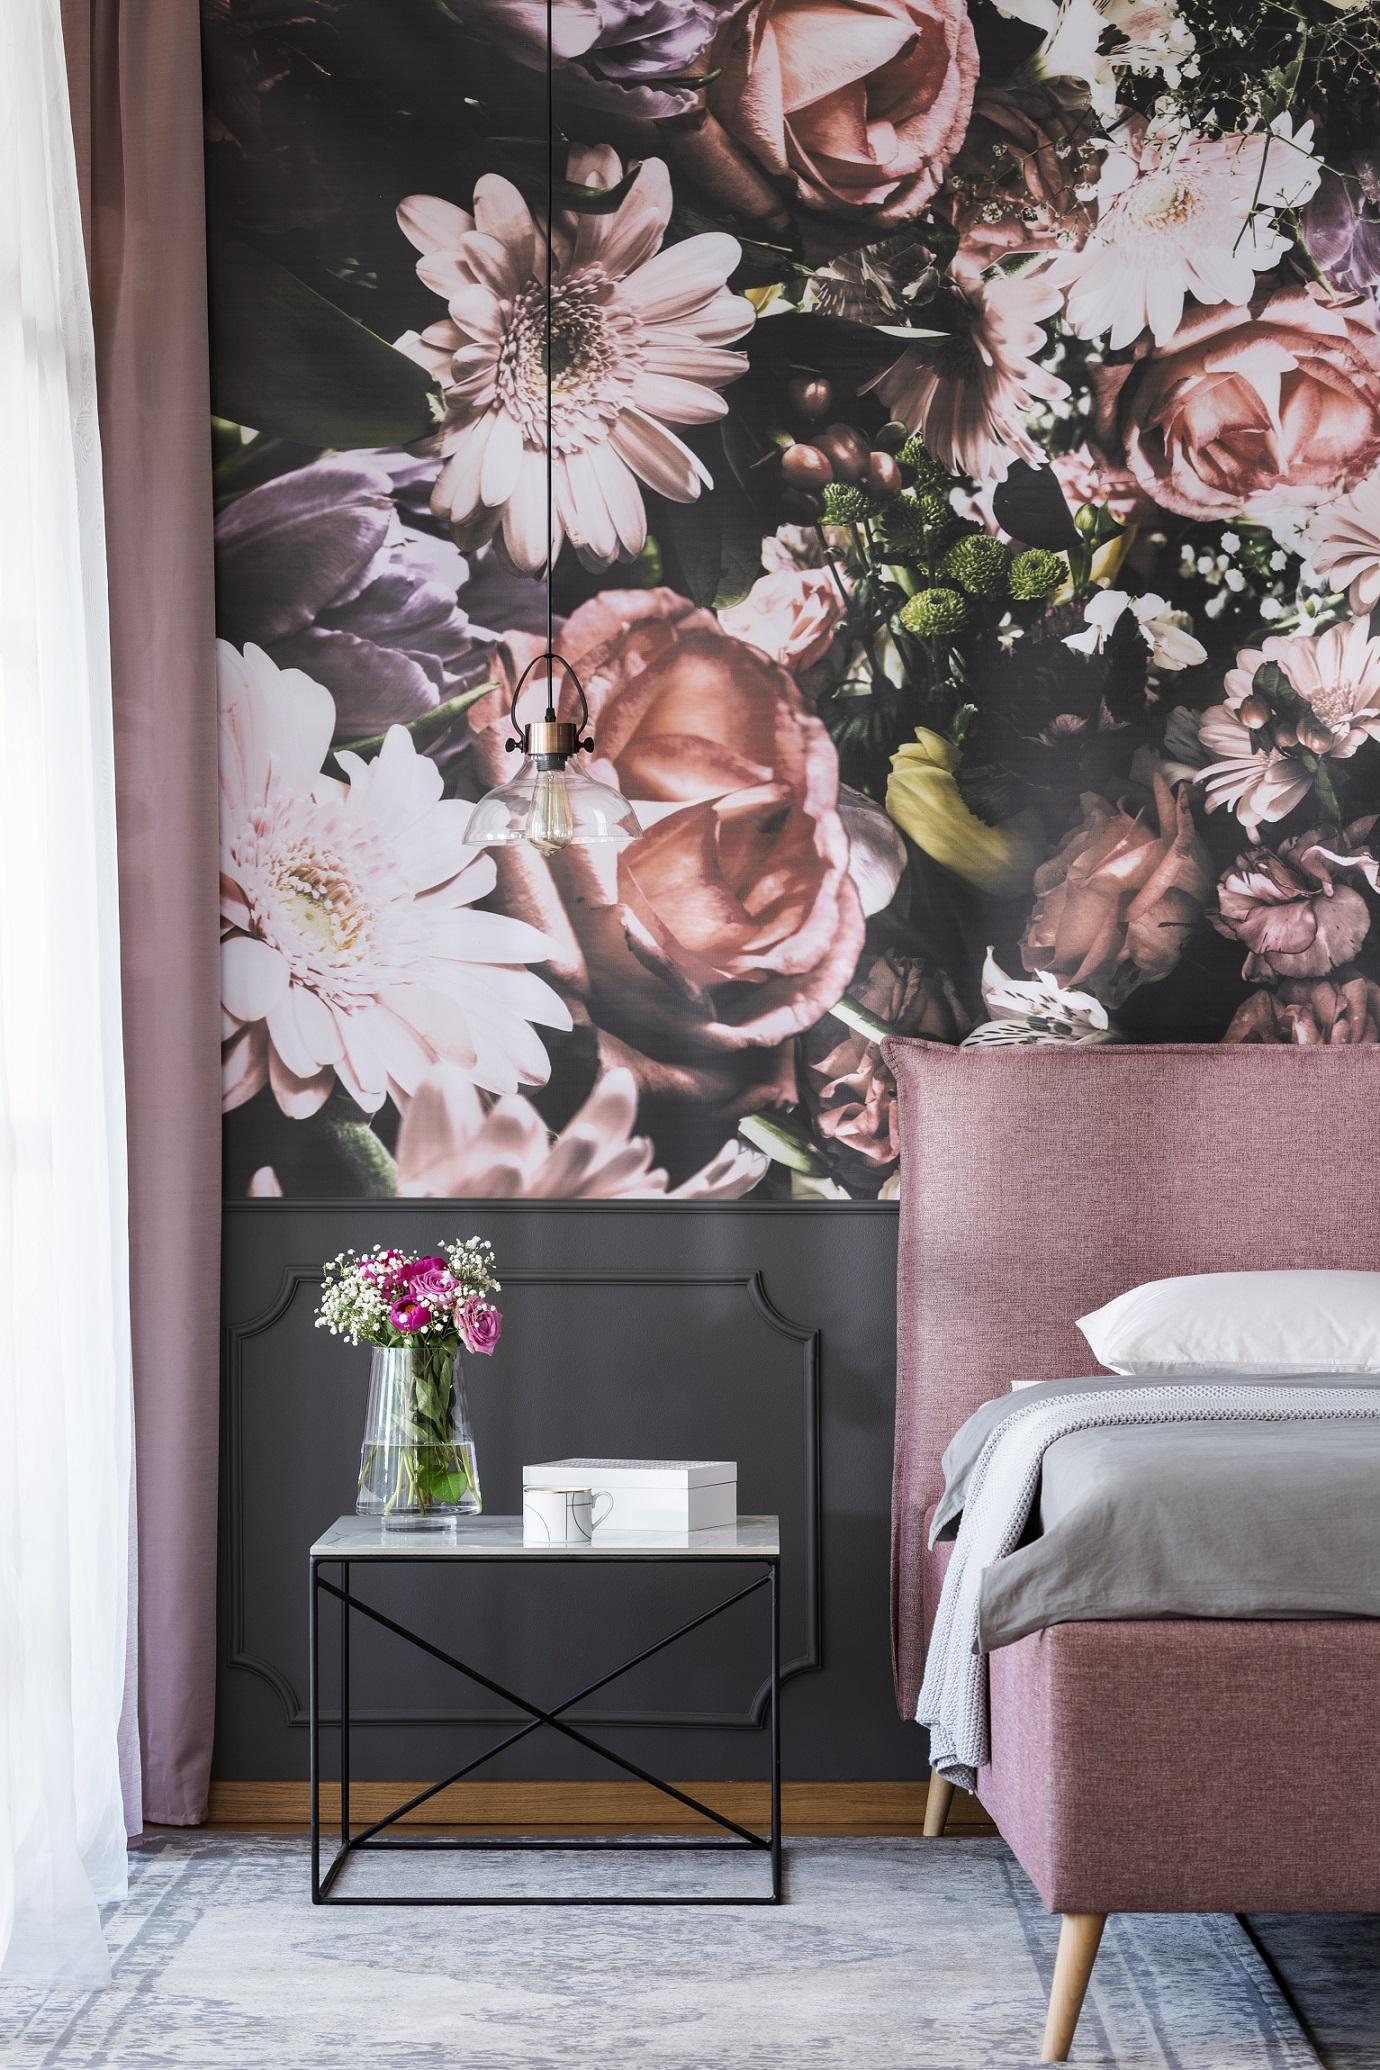 Fototapete mit Blumen im Schlafzimmer